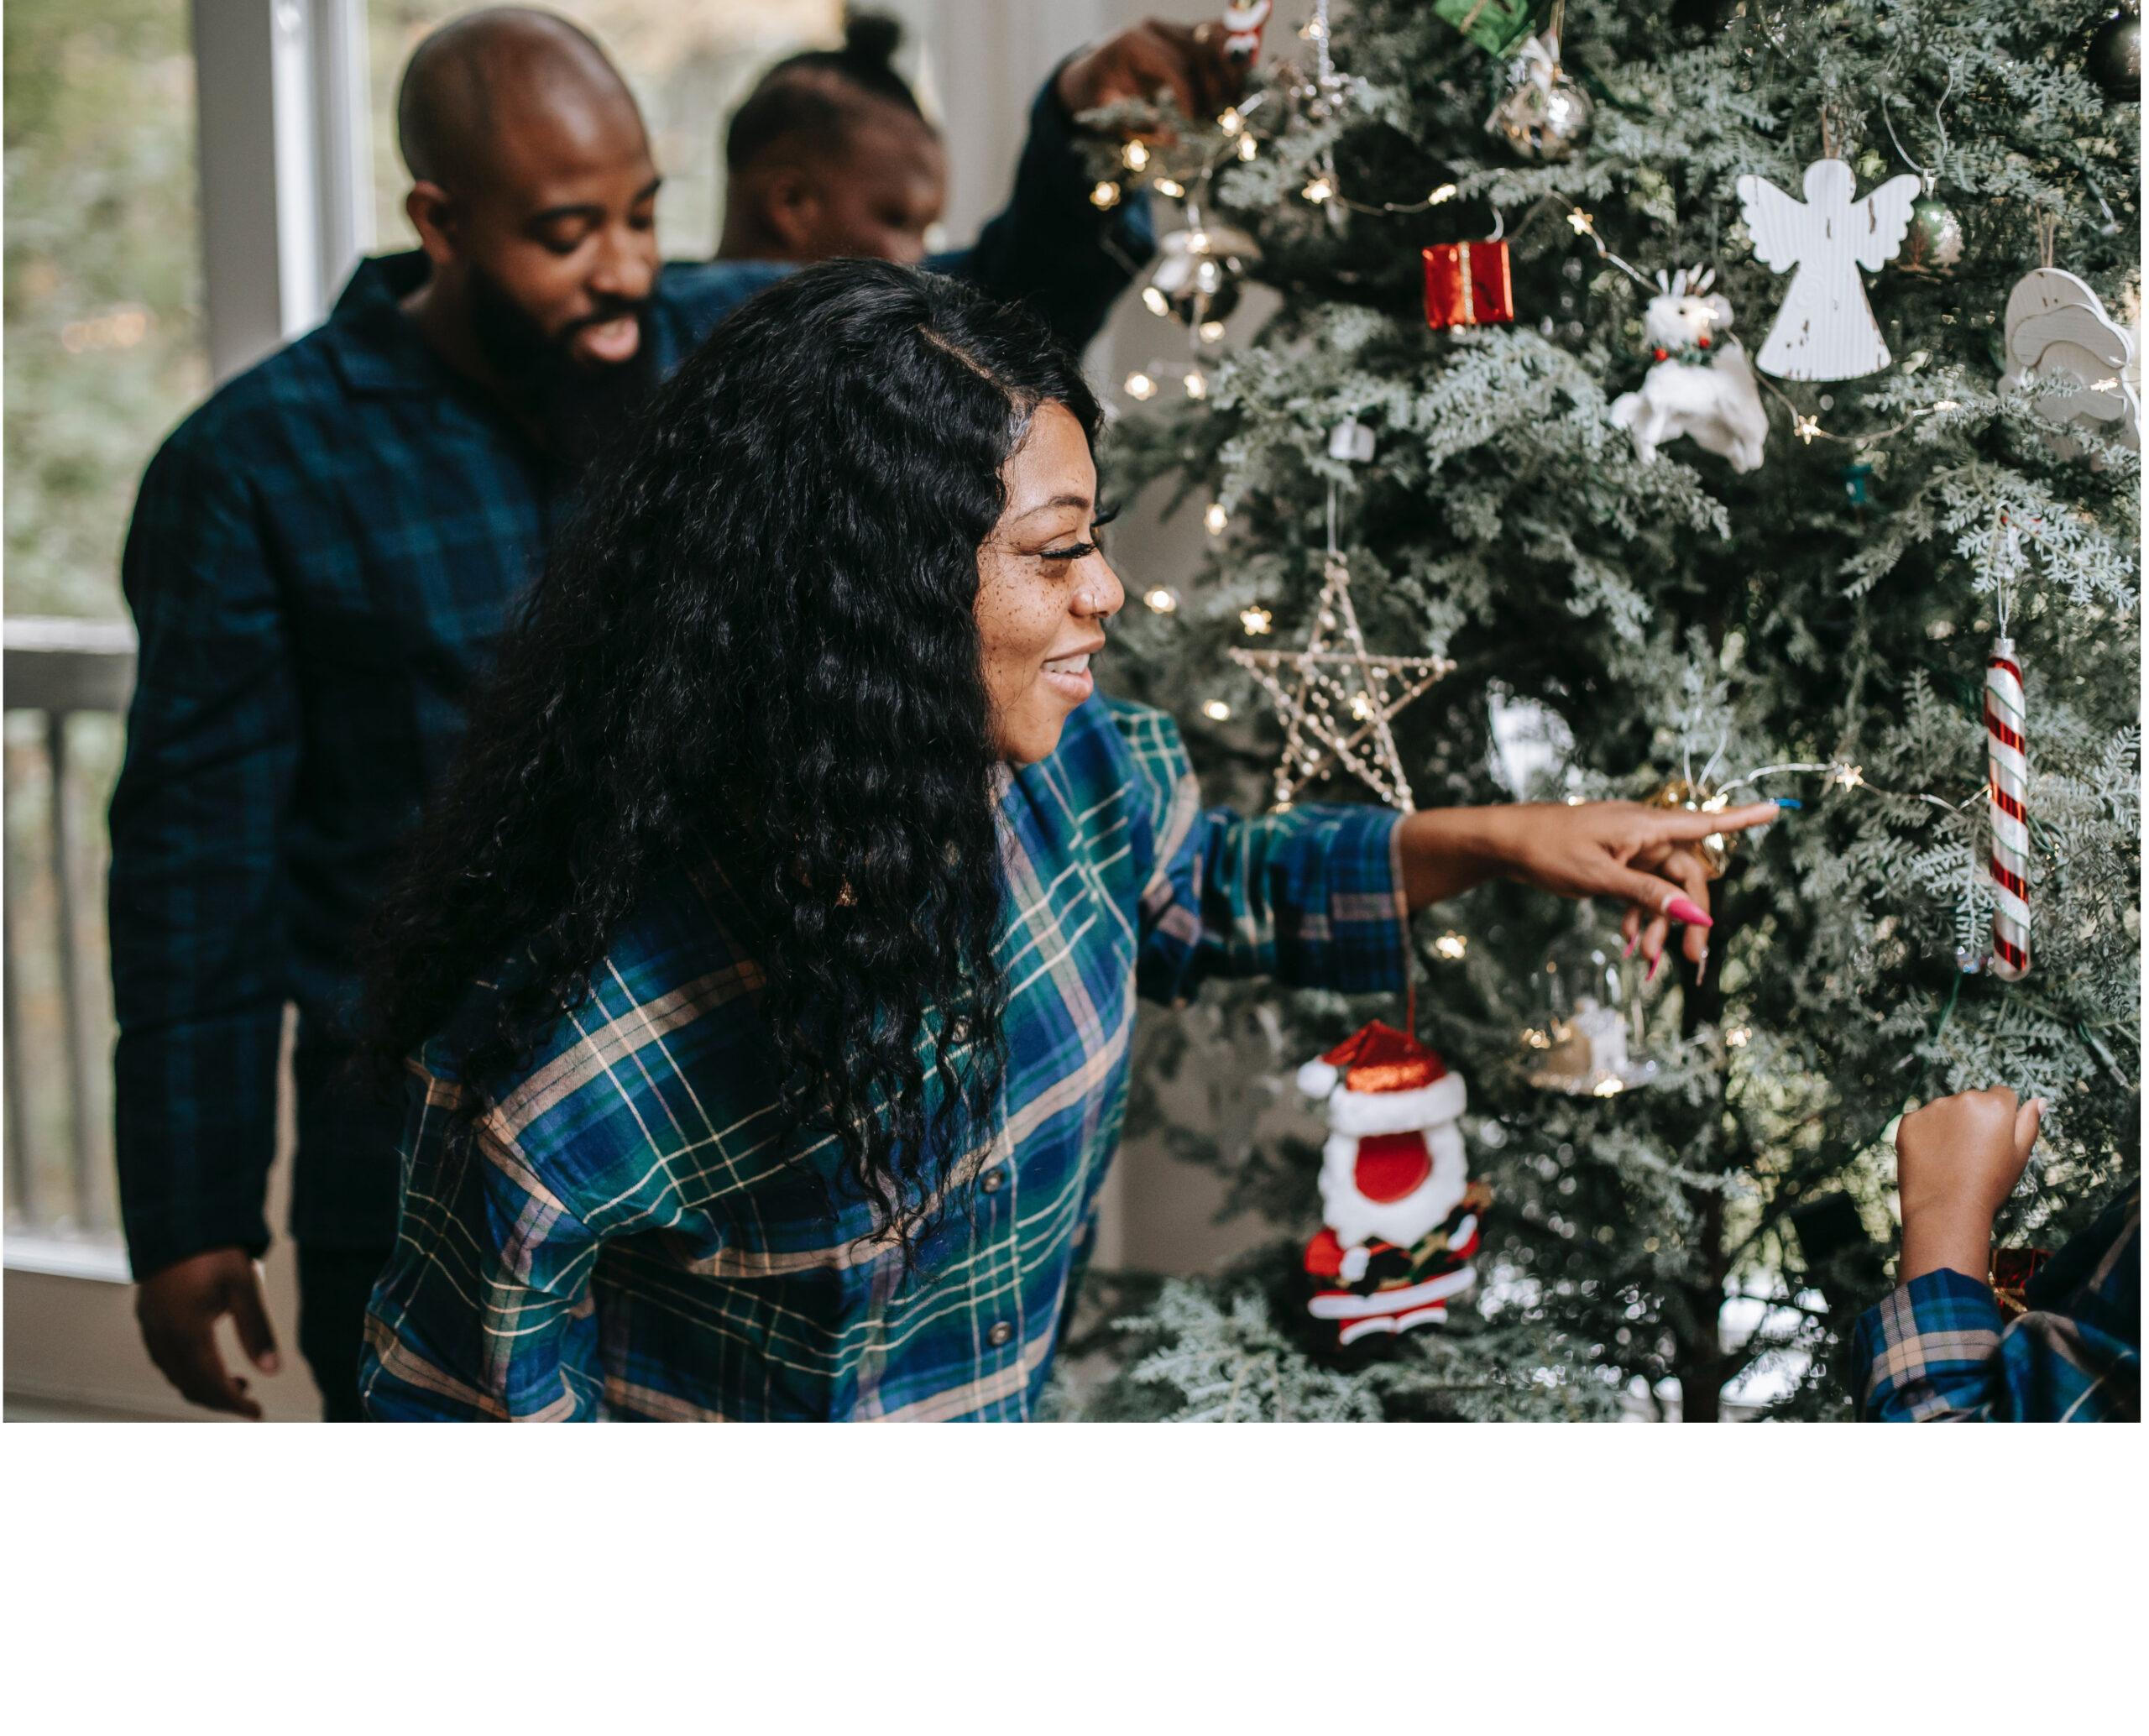 Holiday Hacks for christmas trees